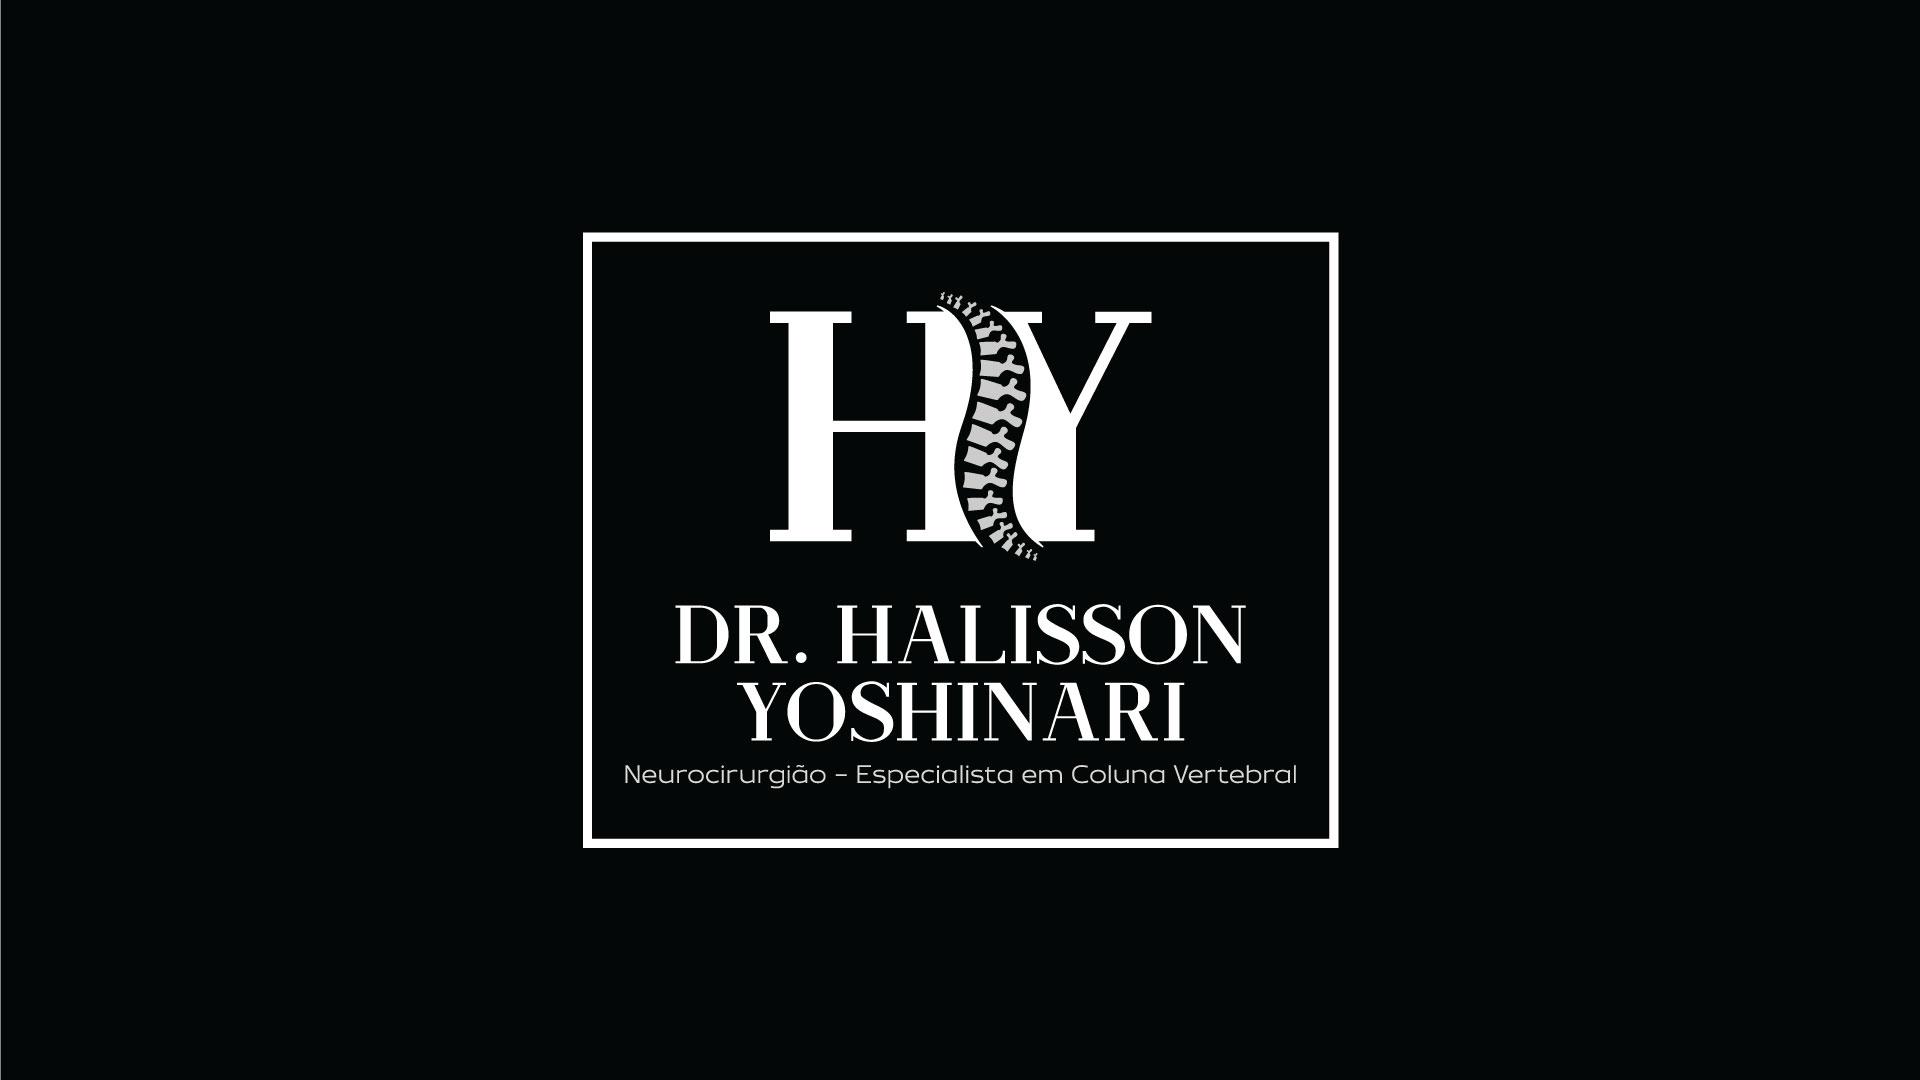 logo-dr-halisson-yoshinari